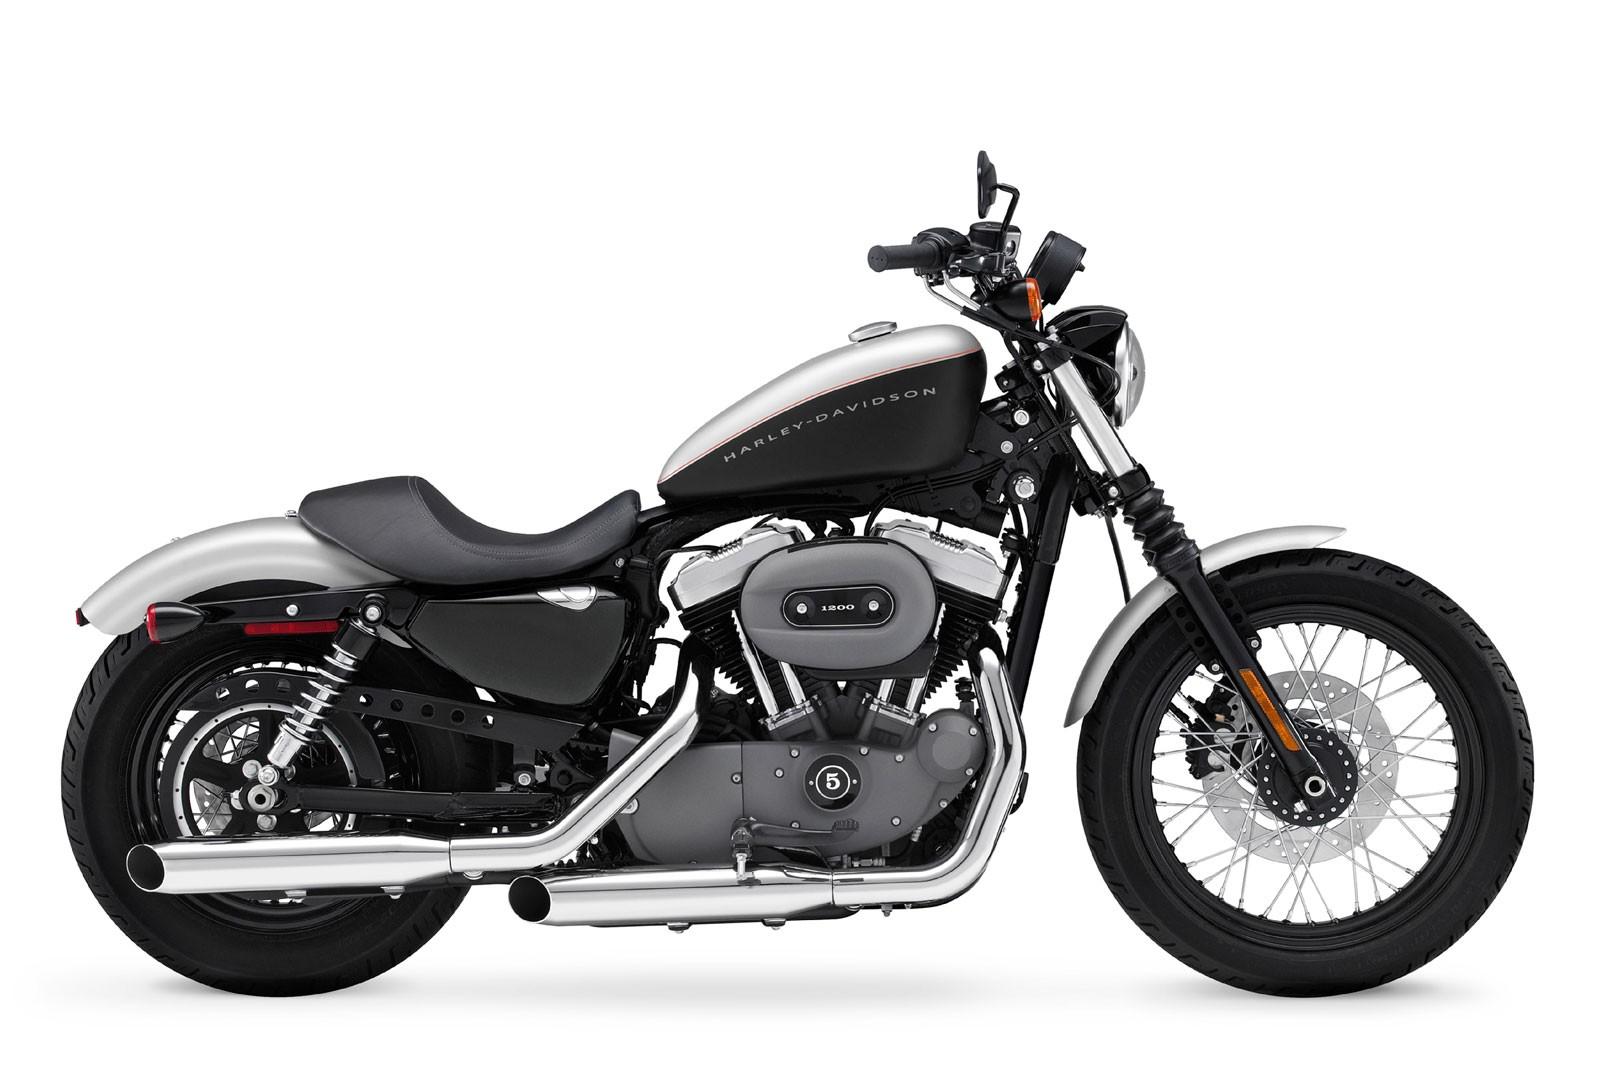 Harley Davidson Nightster Reviews